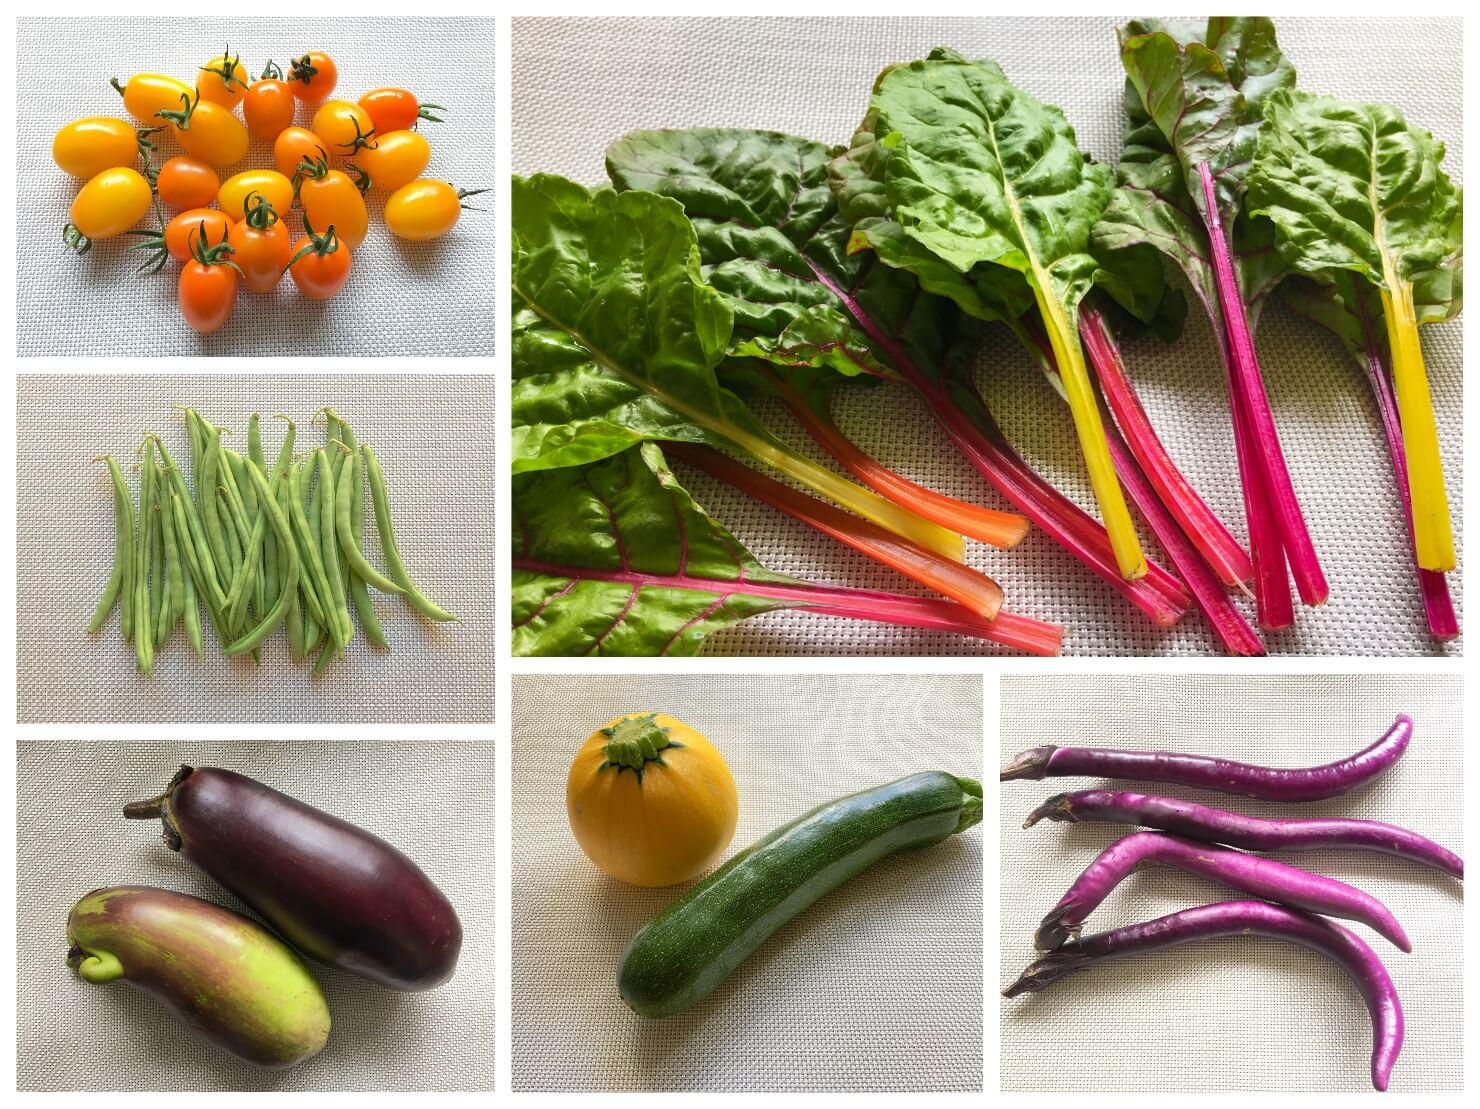 いろいろな野菜の写真